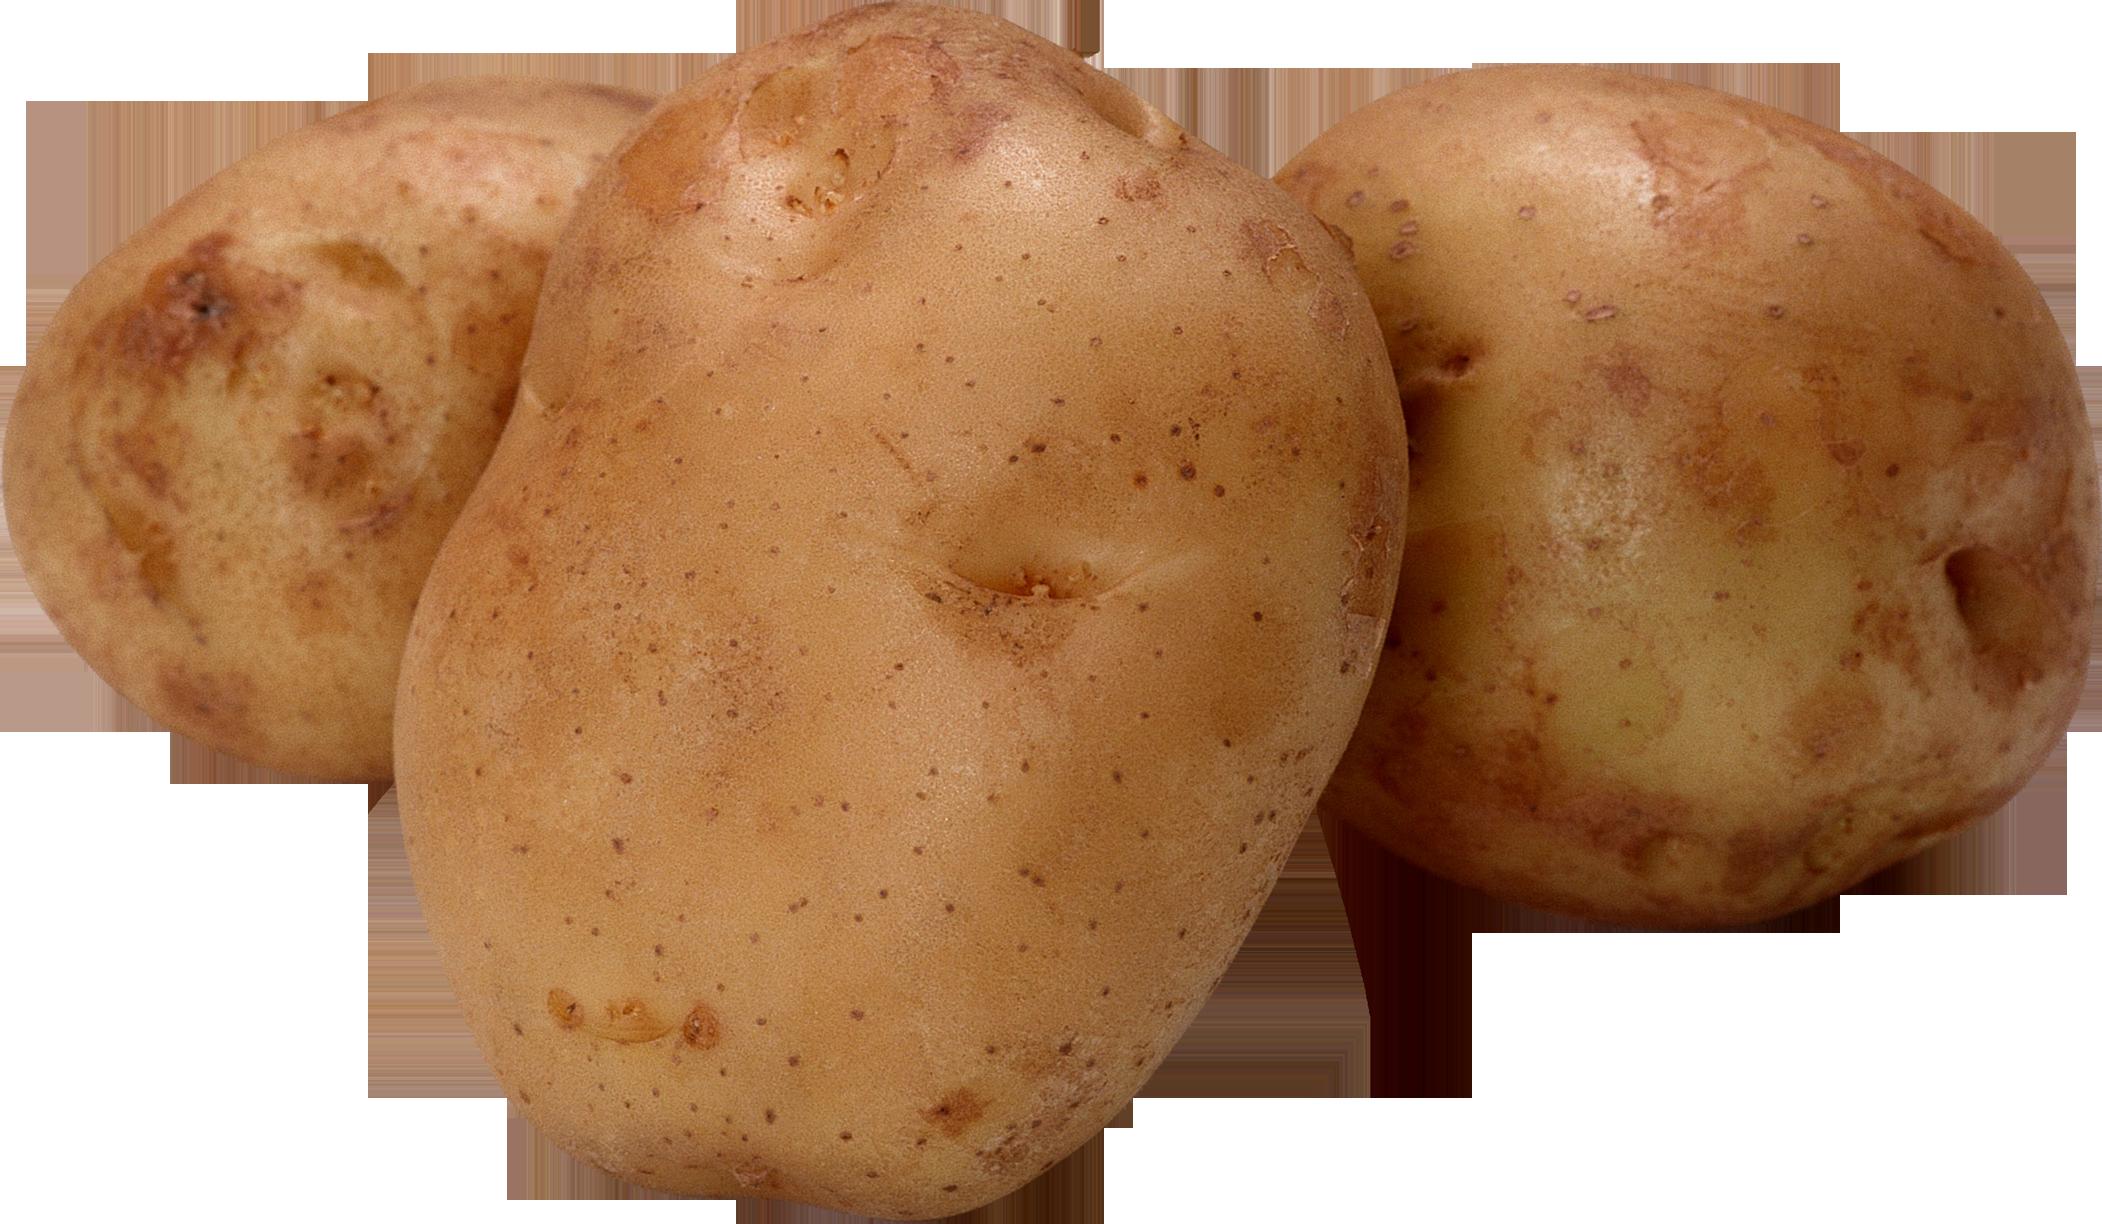 Clip art png images. Potato clipart transparent background